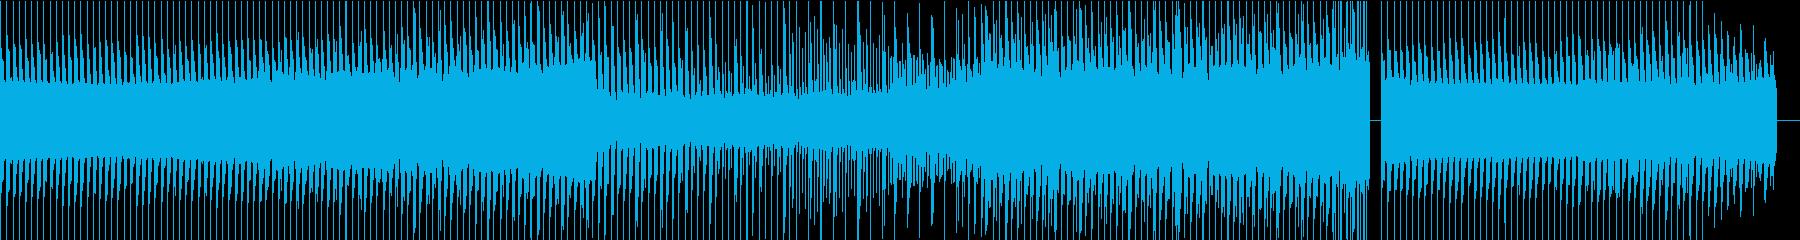 ミニマルなテクノ/トランス、素晴ら...の再生済みの波形